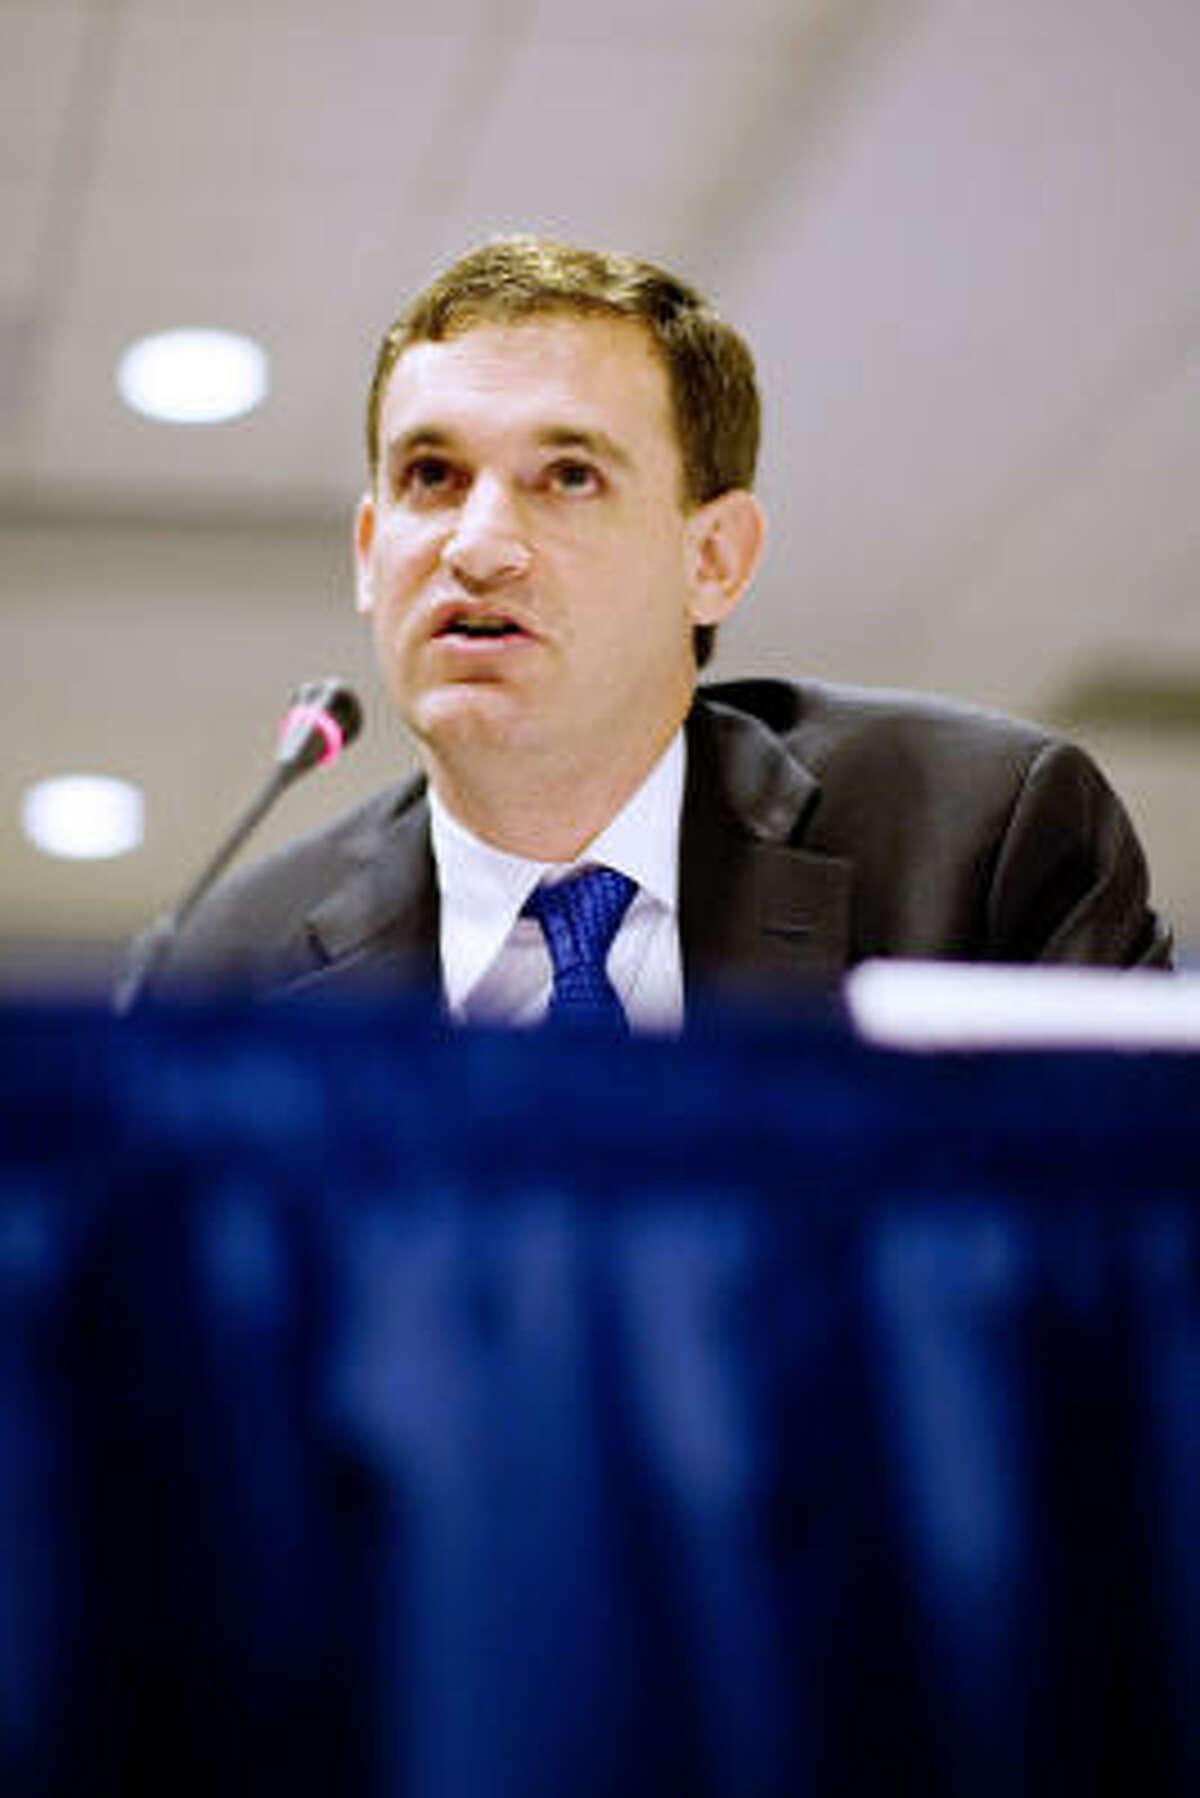 John Arnold of Houston Rank: 336 Net worth: $3.3 billion